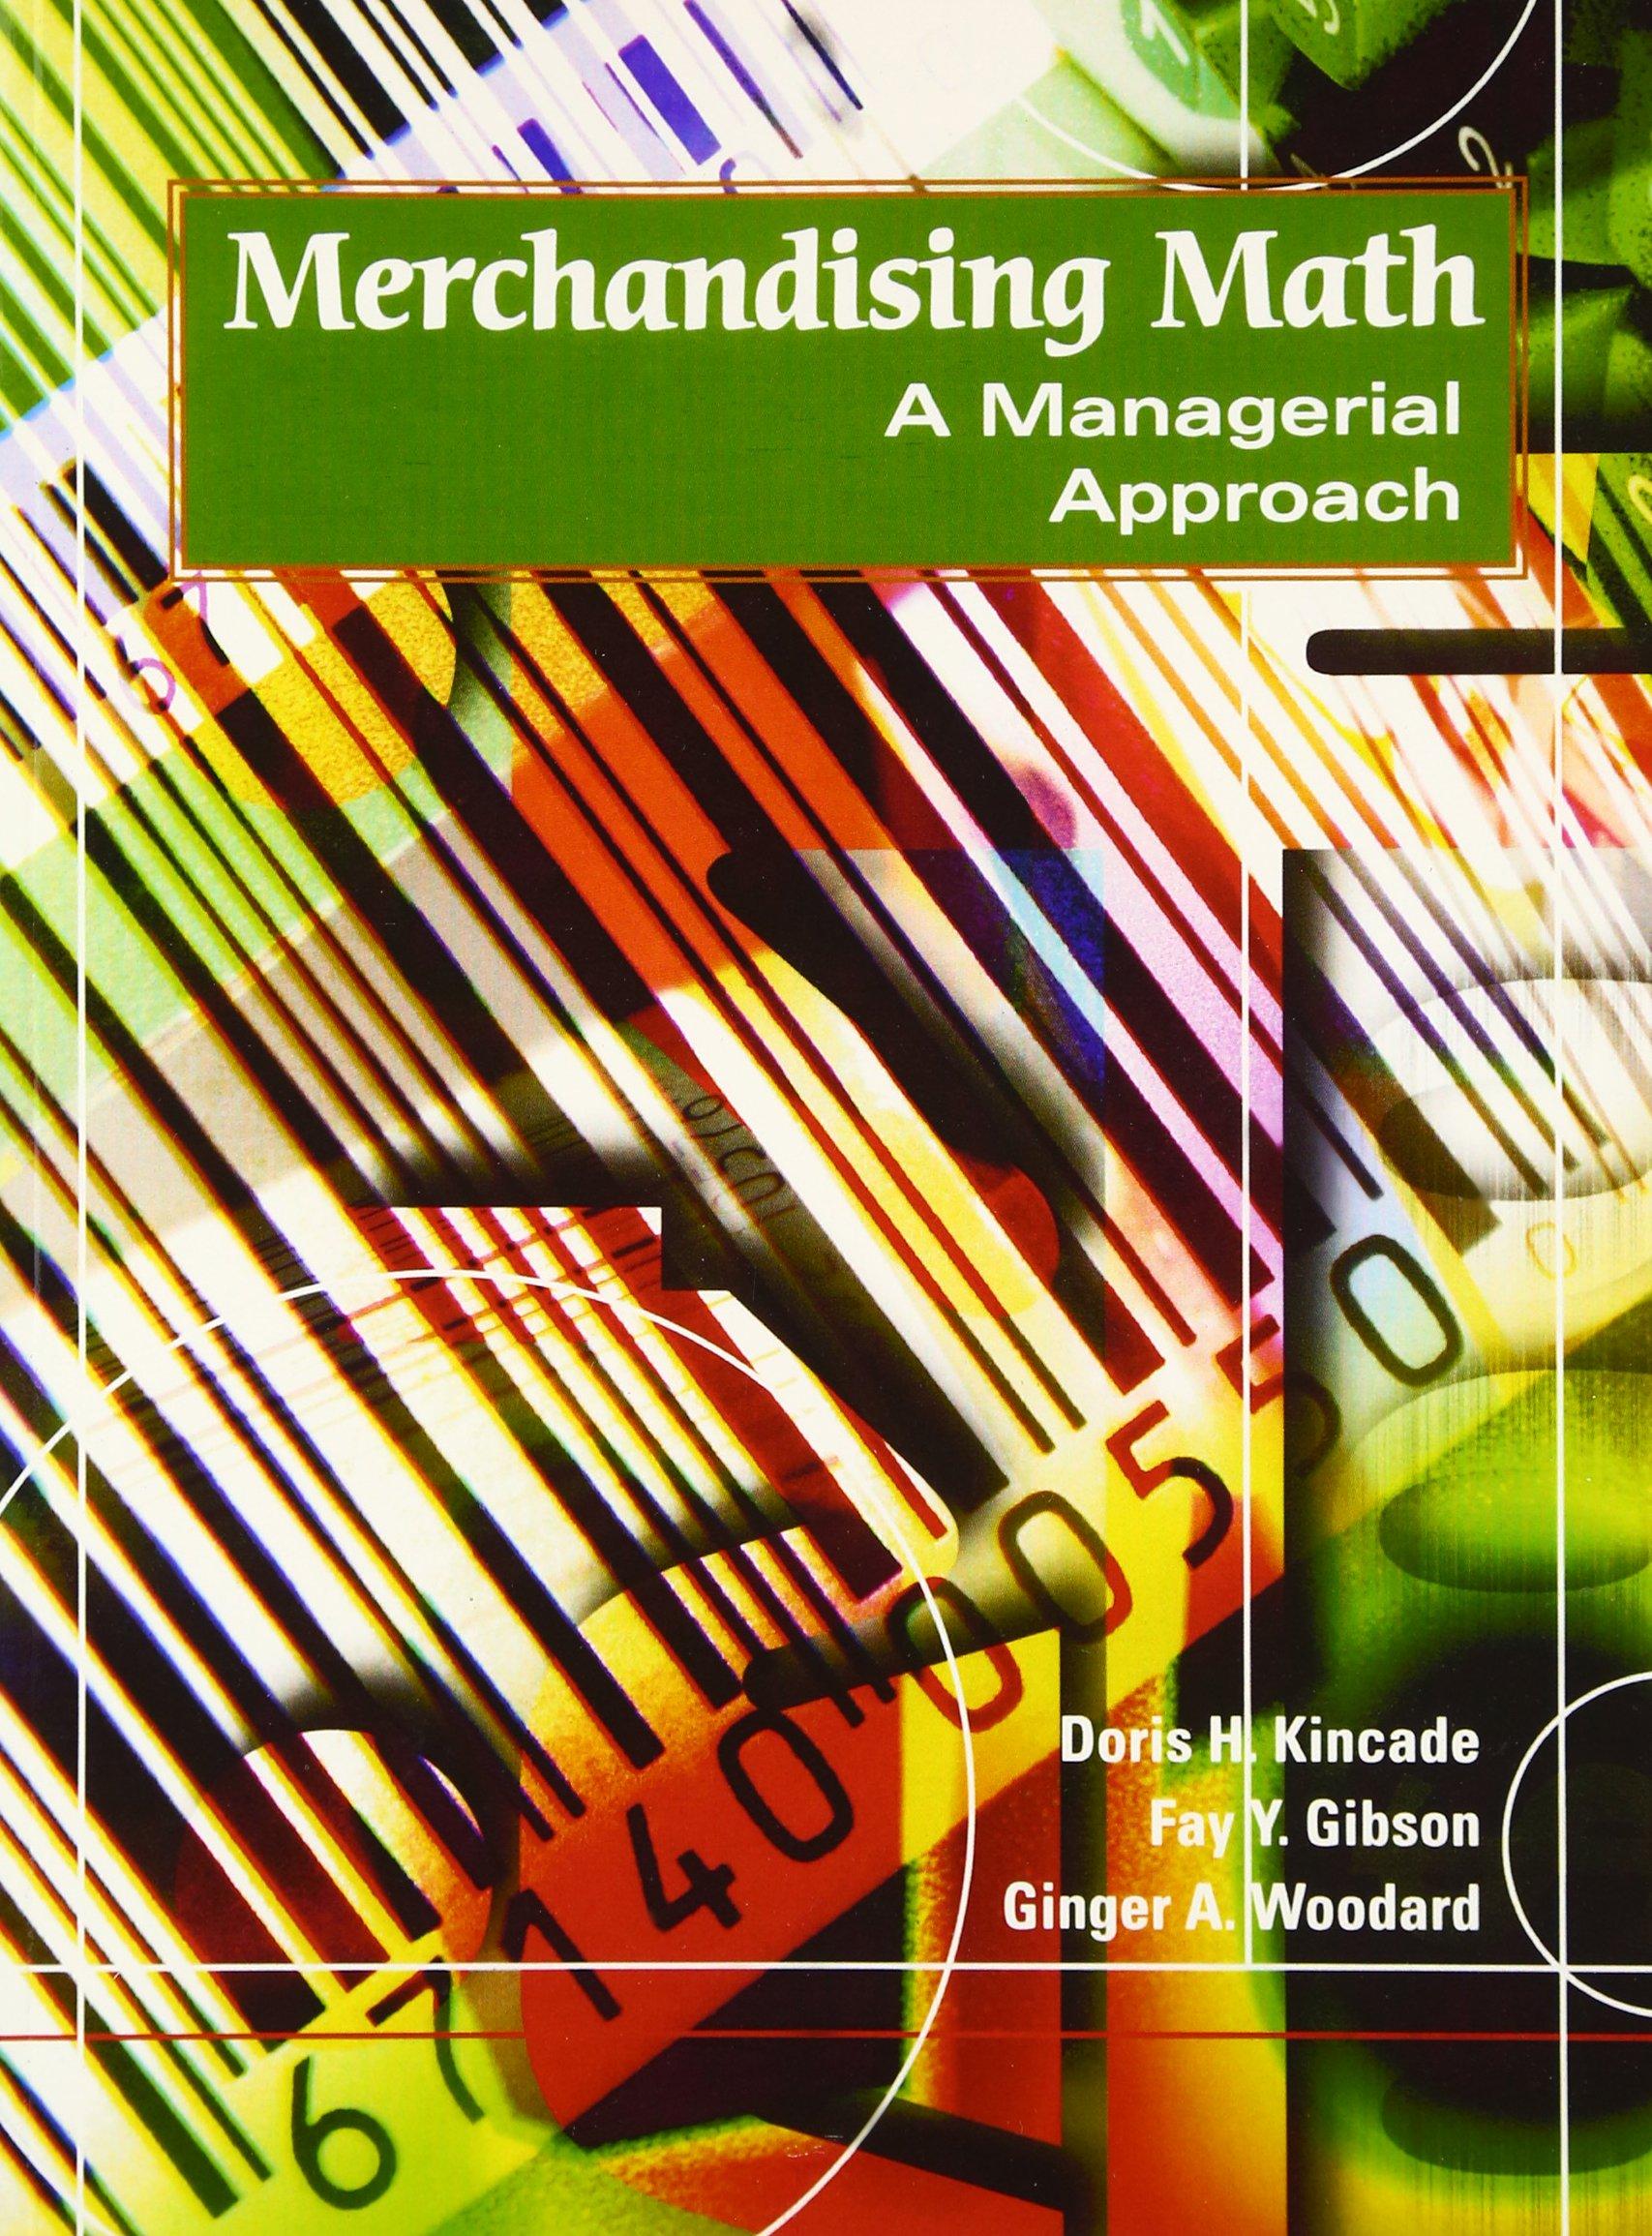 Merchandising Math: A Managerial Approach: Amazon.es: Kincade, Doris, Gibson, Fay, Woodard, Ginger: Libros en idiomas extranjeros